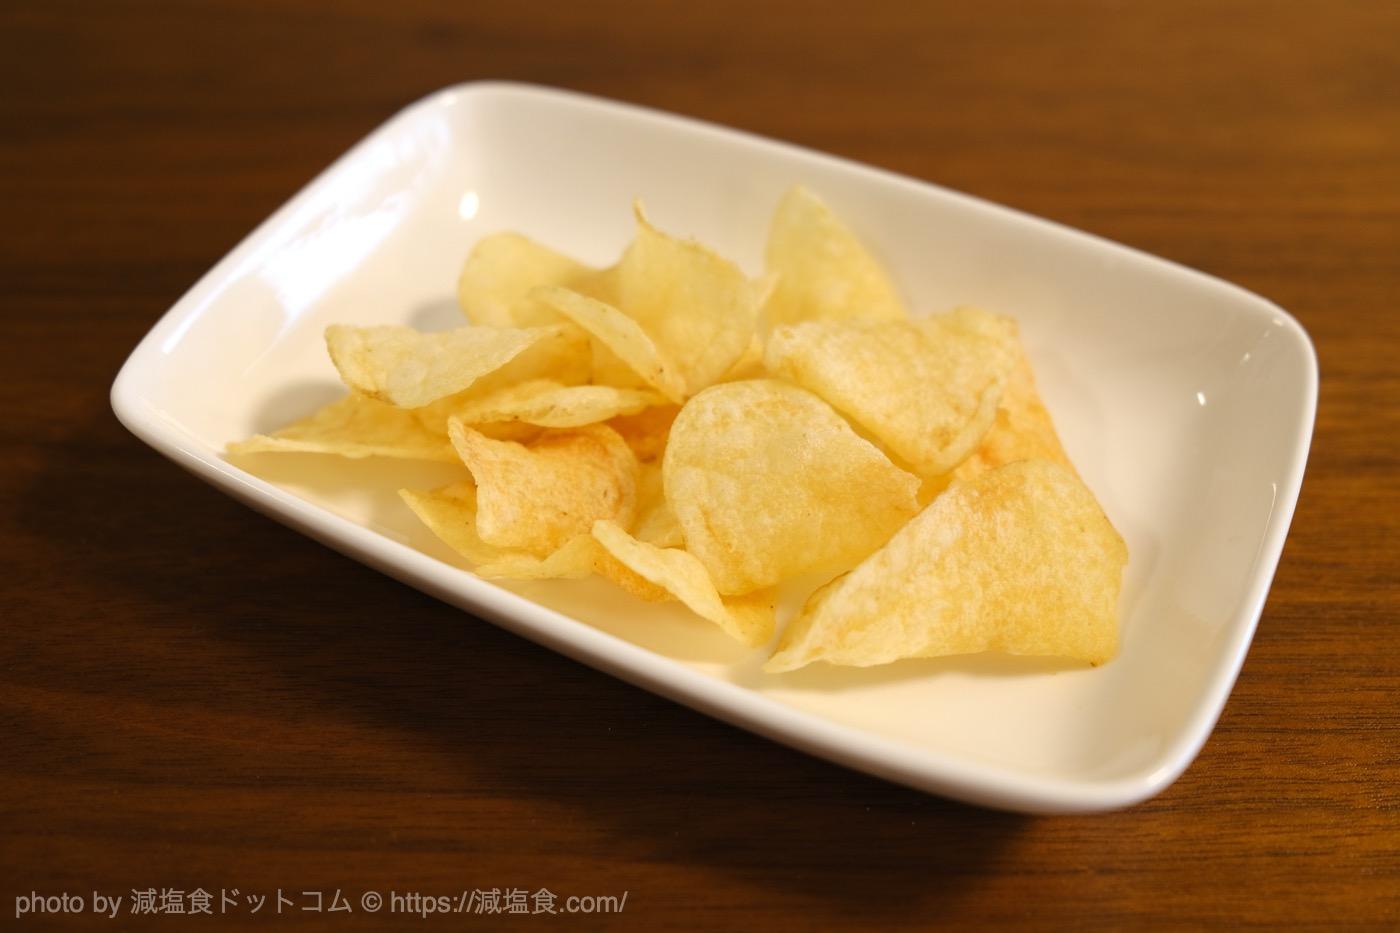 ポテトチップス 無塩